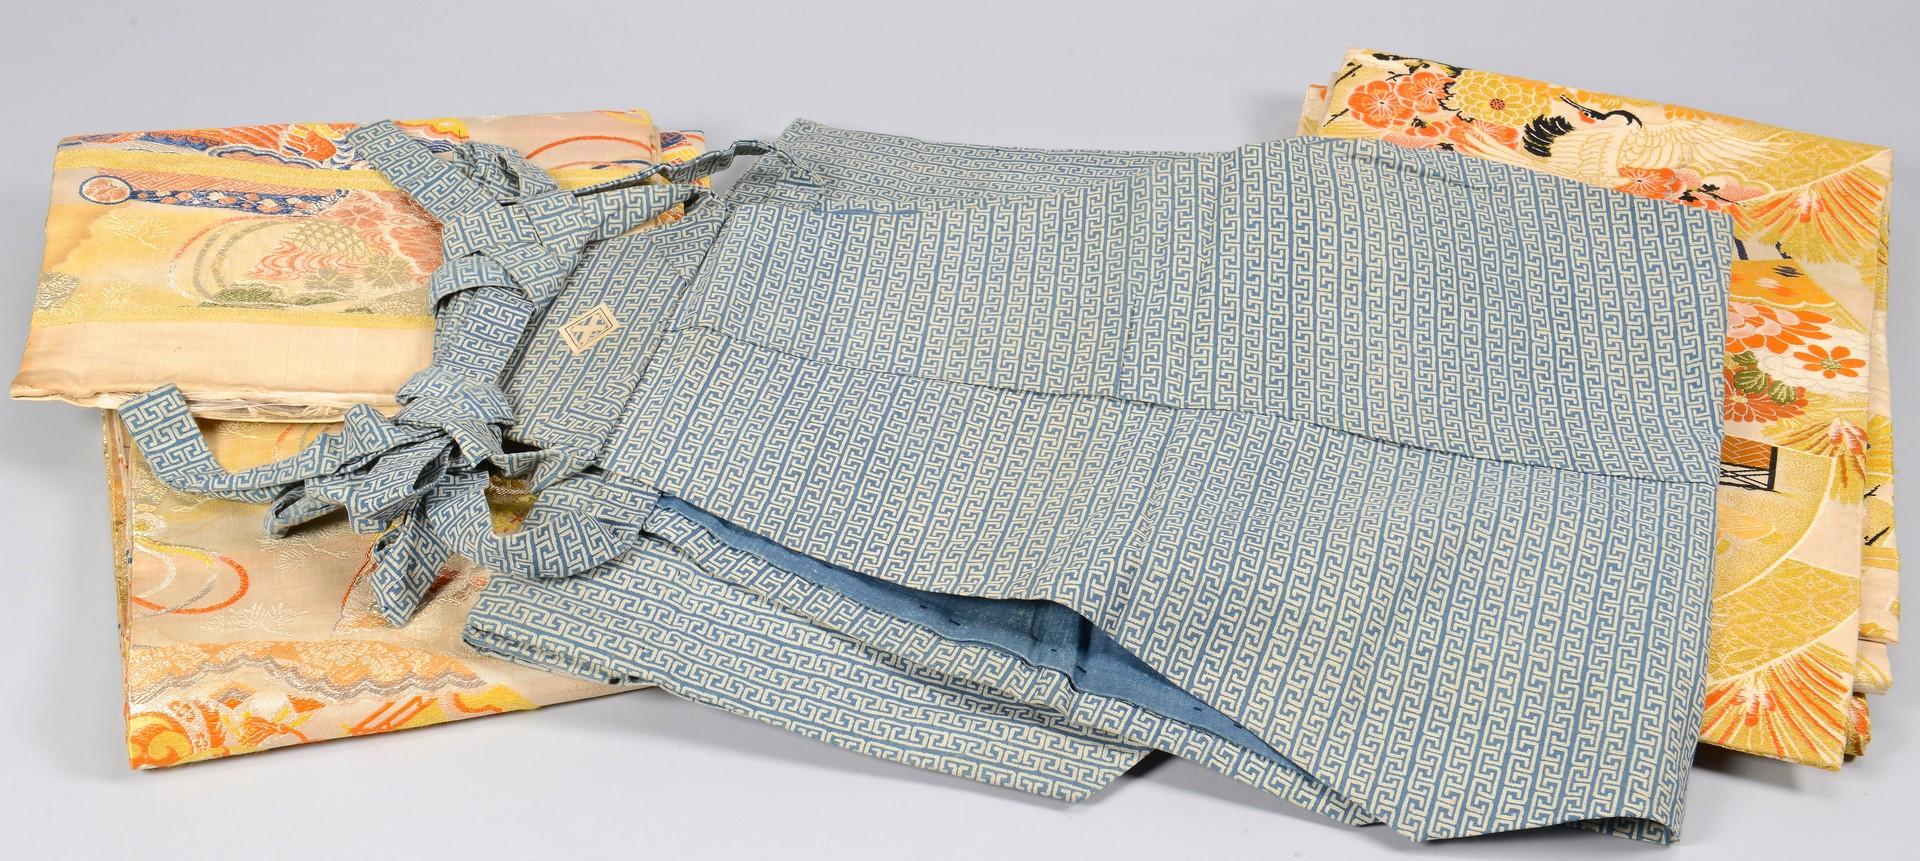 Lot 3832427: Japanese Samurai Kami-shimo Costume & 2 Obi Textiles